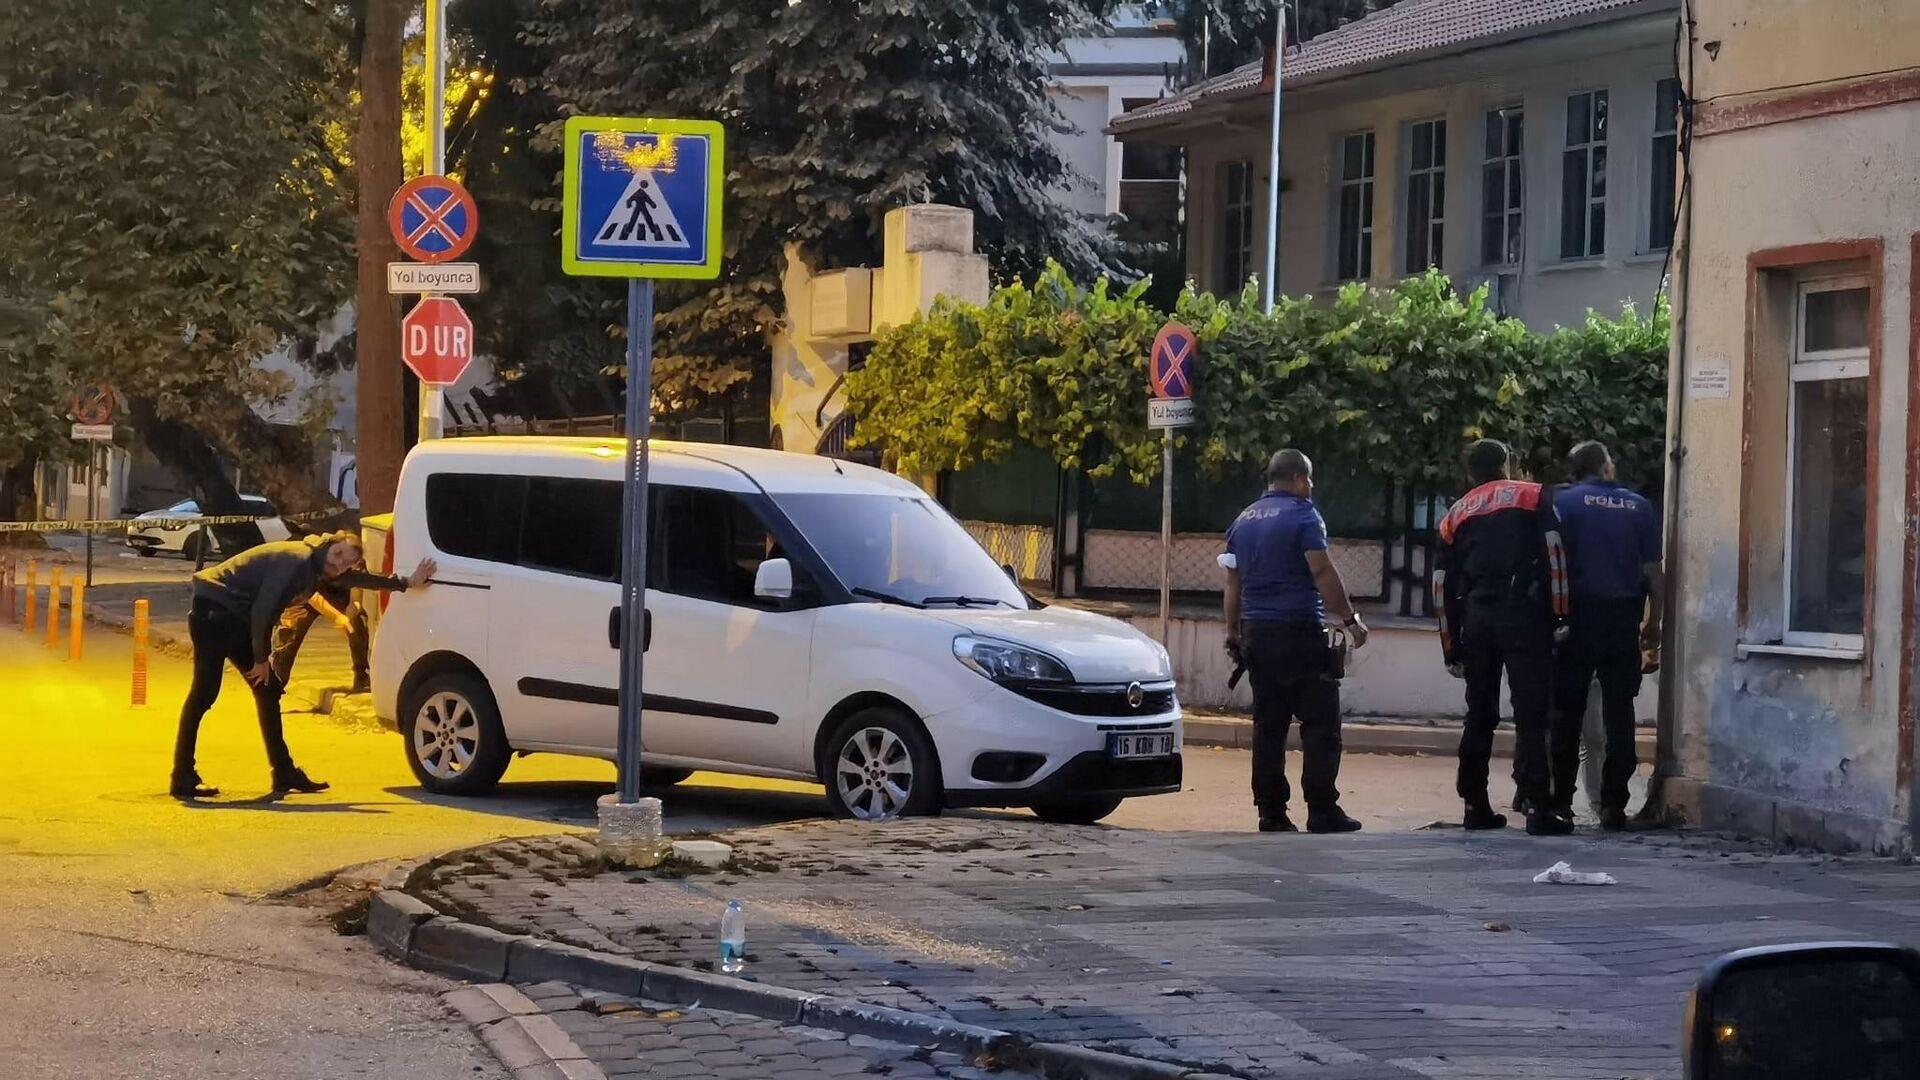 Bursa'nın İnegöl ilçesinde meydana gelen olayda, çaldığı araçla kaçmaya çalışan kişi ile polis arasında çatışma yaşandı. Çatışma anı kameraya yansırken, teslim olmamakta direnen şahıs başına dayadığı tabancayla intihar etti. - Sputnik Türkiye, 1920, 22.08.2021